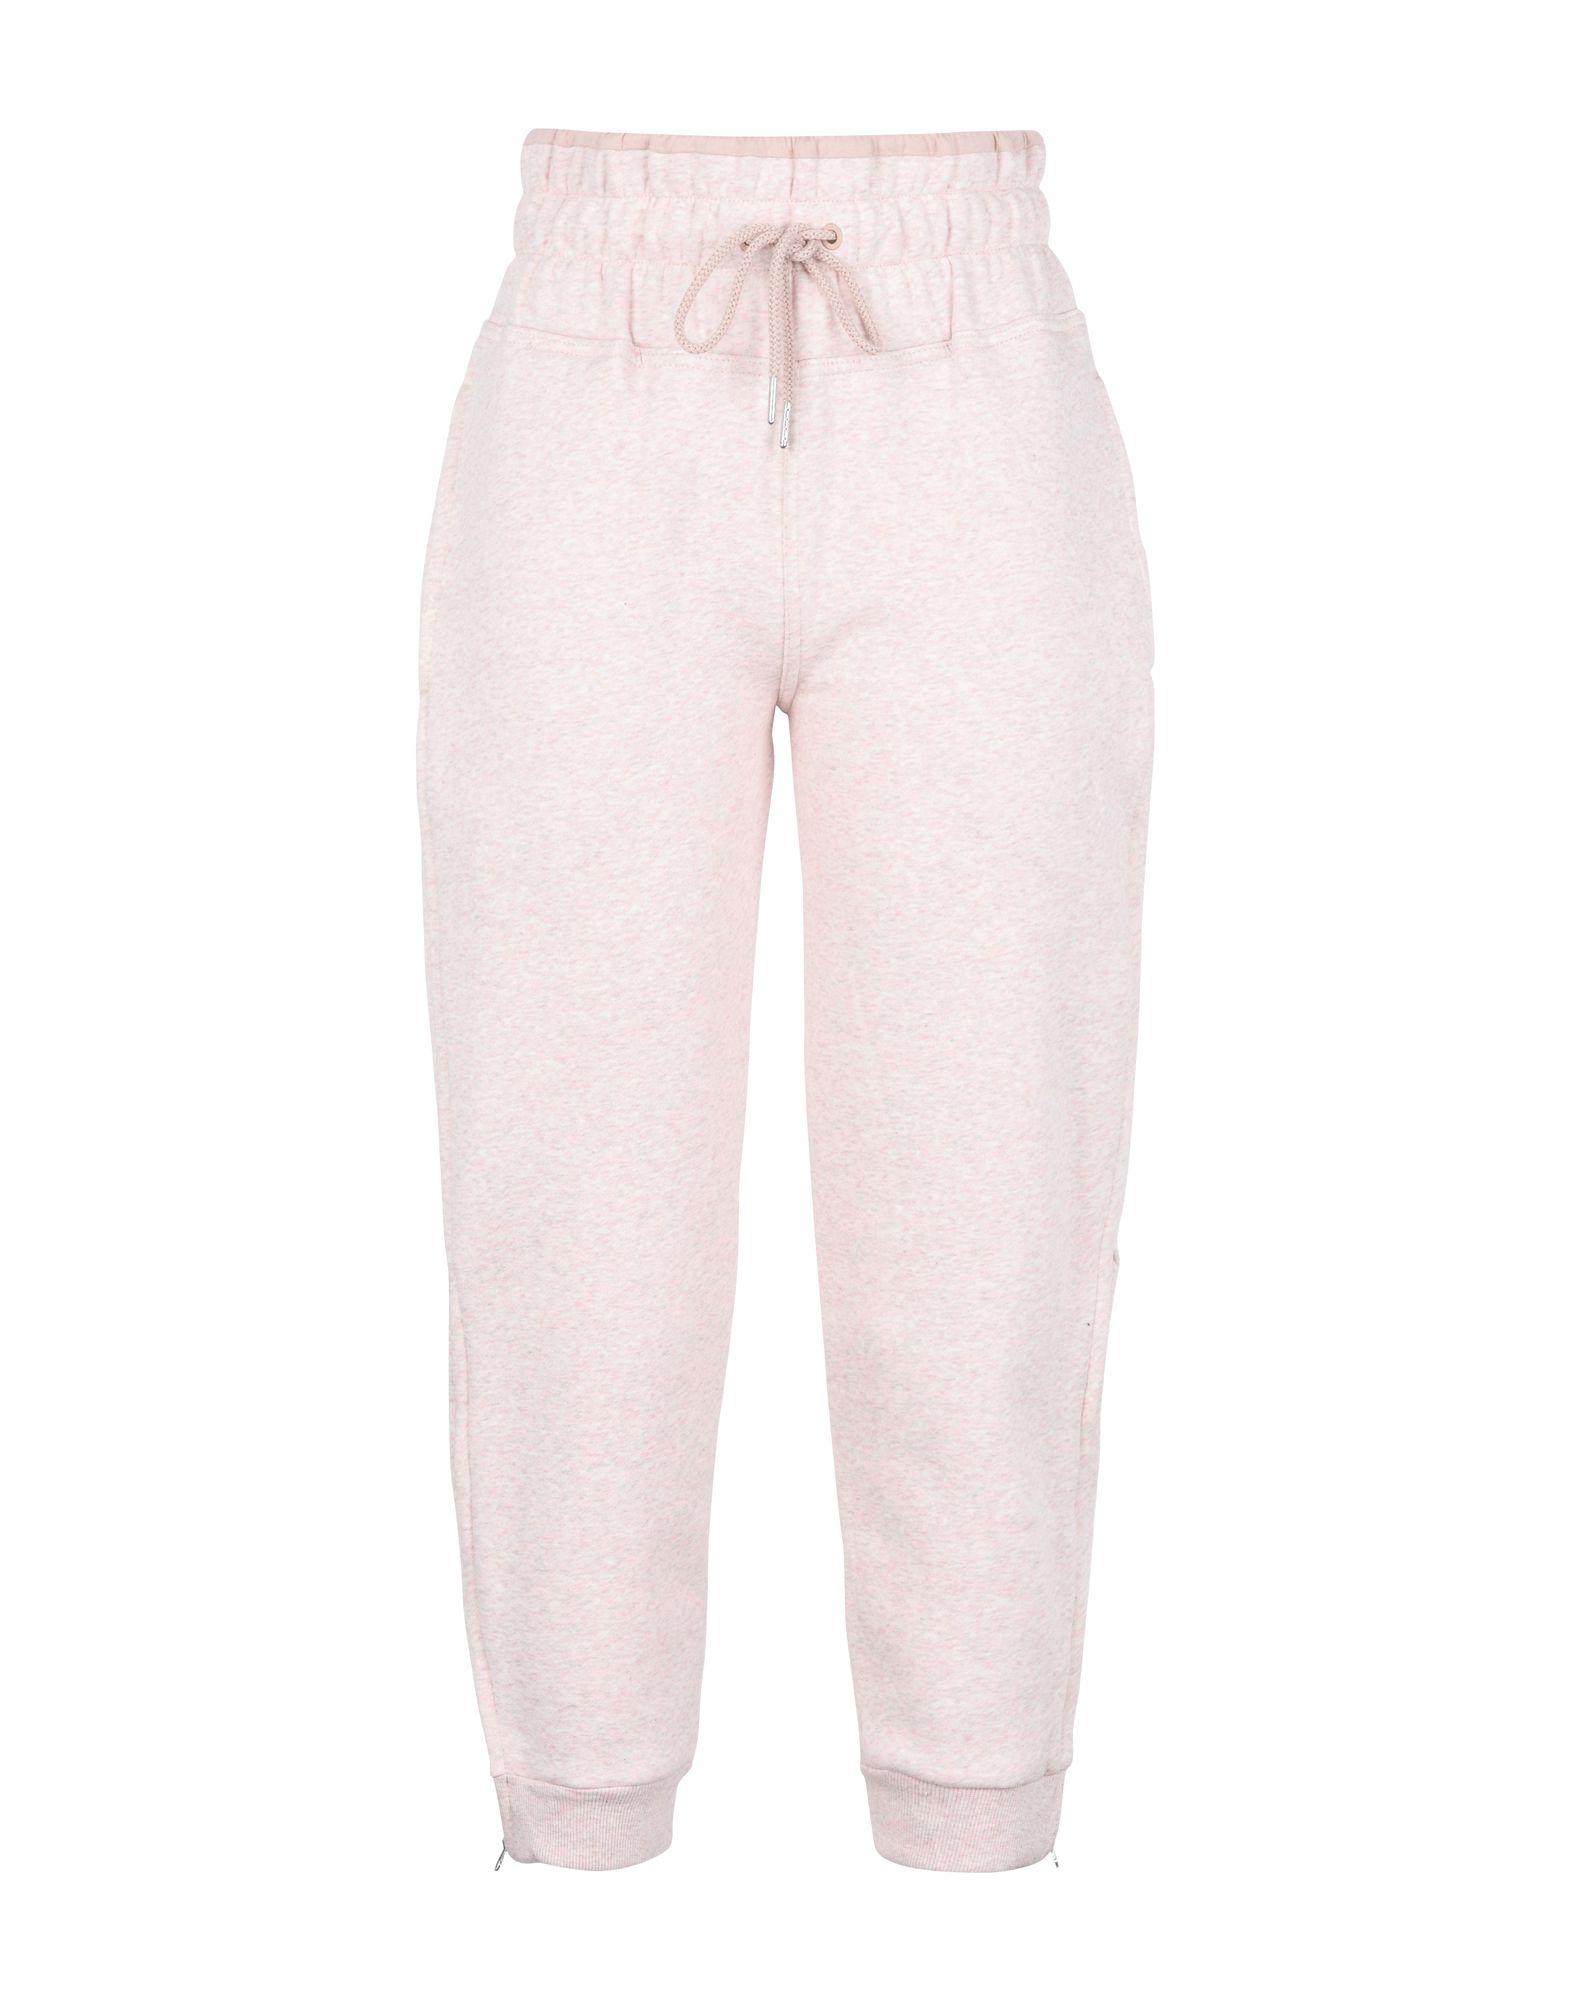 ADIDAS by STELLA McCARTNEY Повседневные брюки adidas by stella mccartney брюки капри